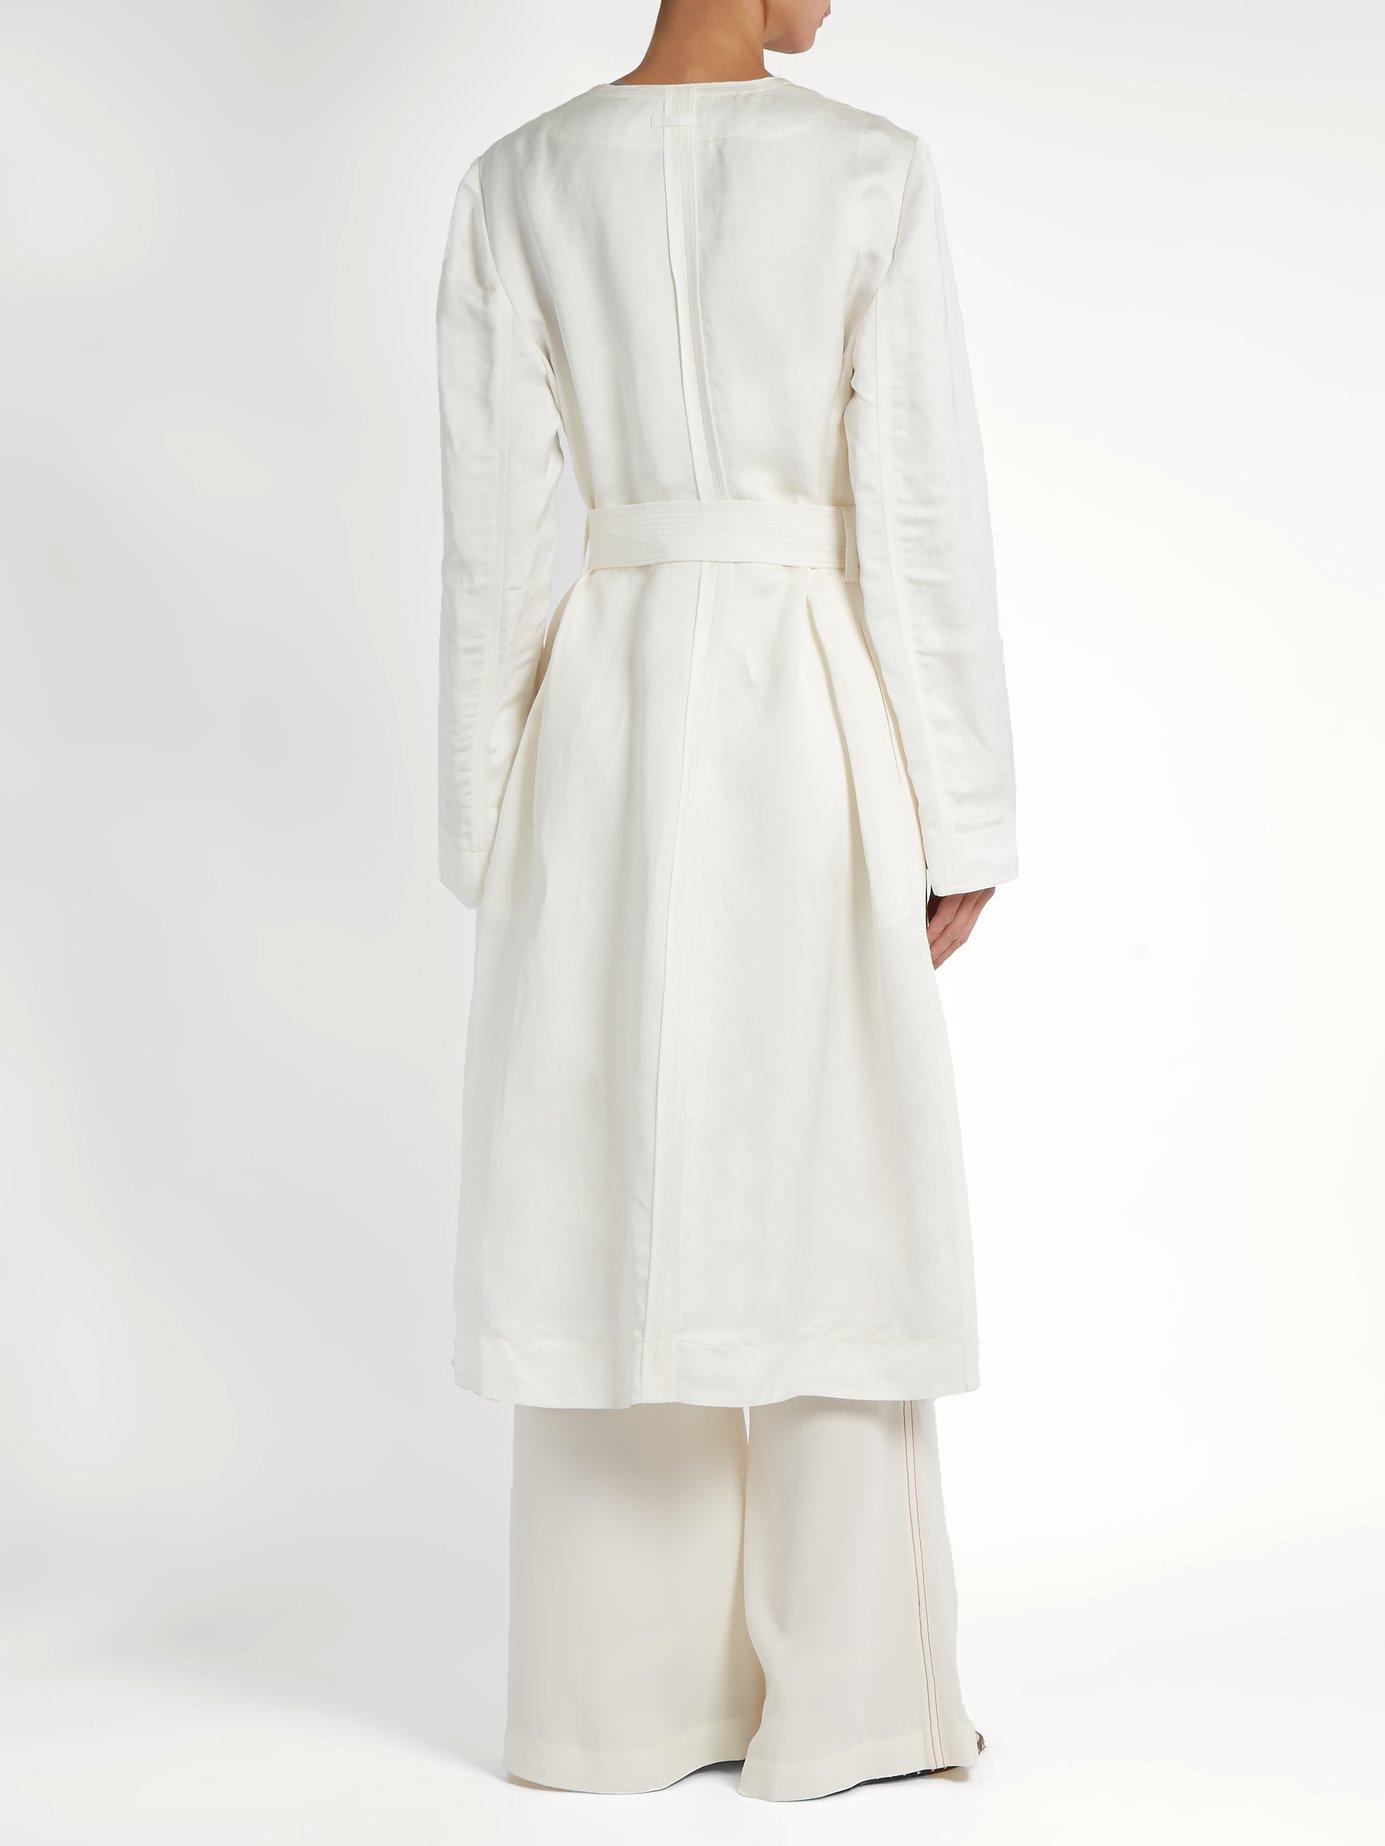 Archer tie-waist linen-blend coat by Elizabeth And James